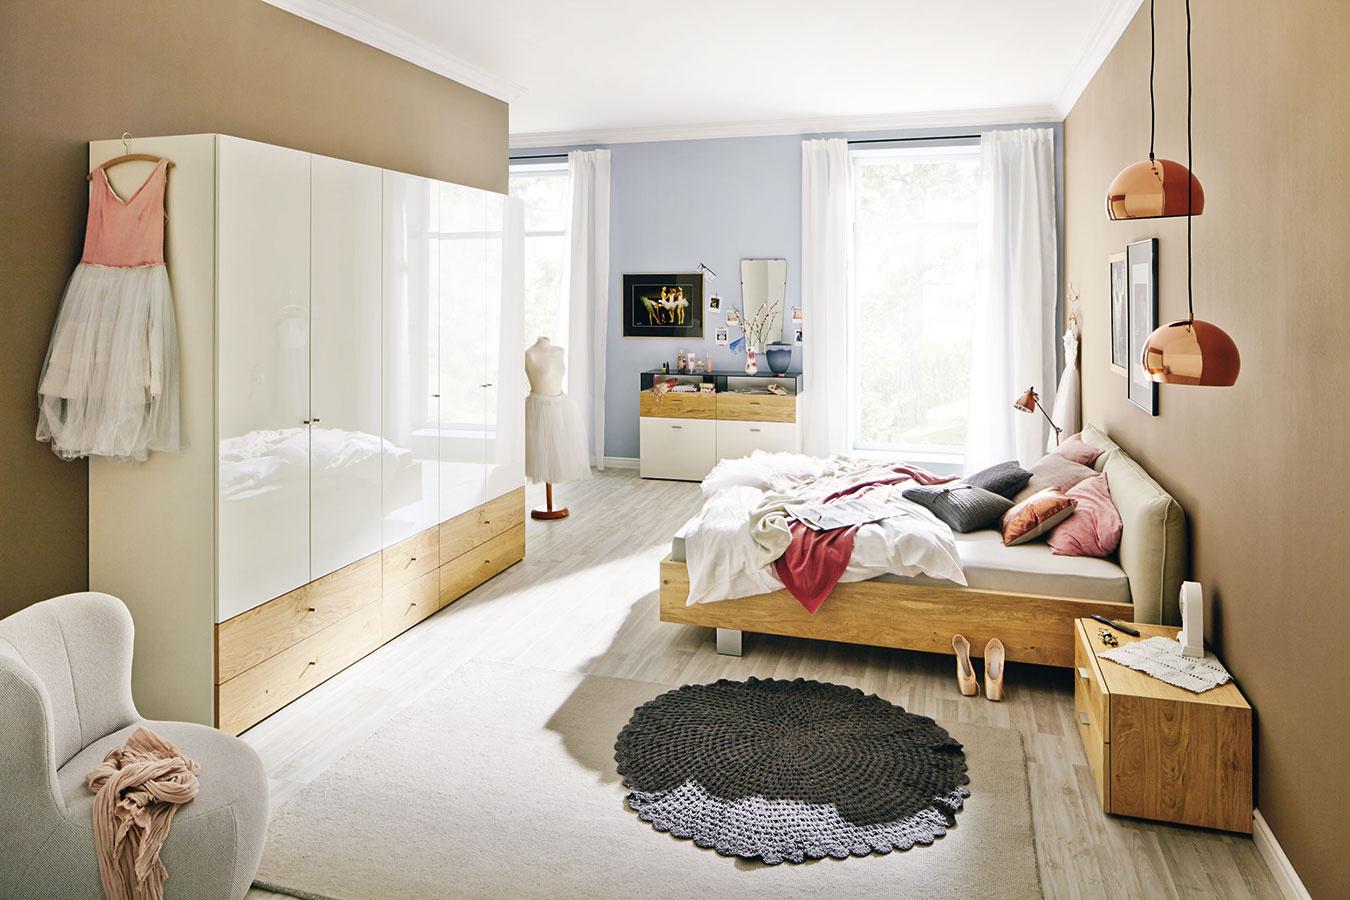 Drevená konštrukcia postele ačalúnené čelo tvoria vkusné partnerstvo. Rovnaká farebnosť na nábytku priestor zjednotí, textílie amaľovka spálňu zútulnia. Nábytok nájdete vsortimente značky hülsta. (Predáva Merito.)